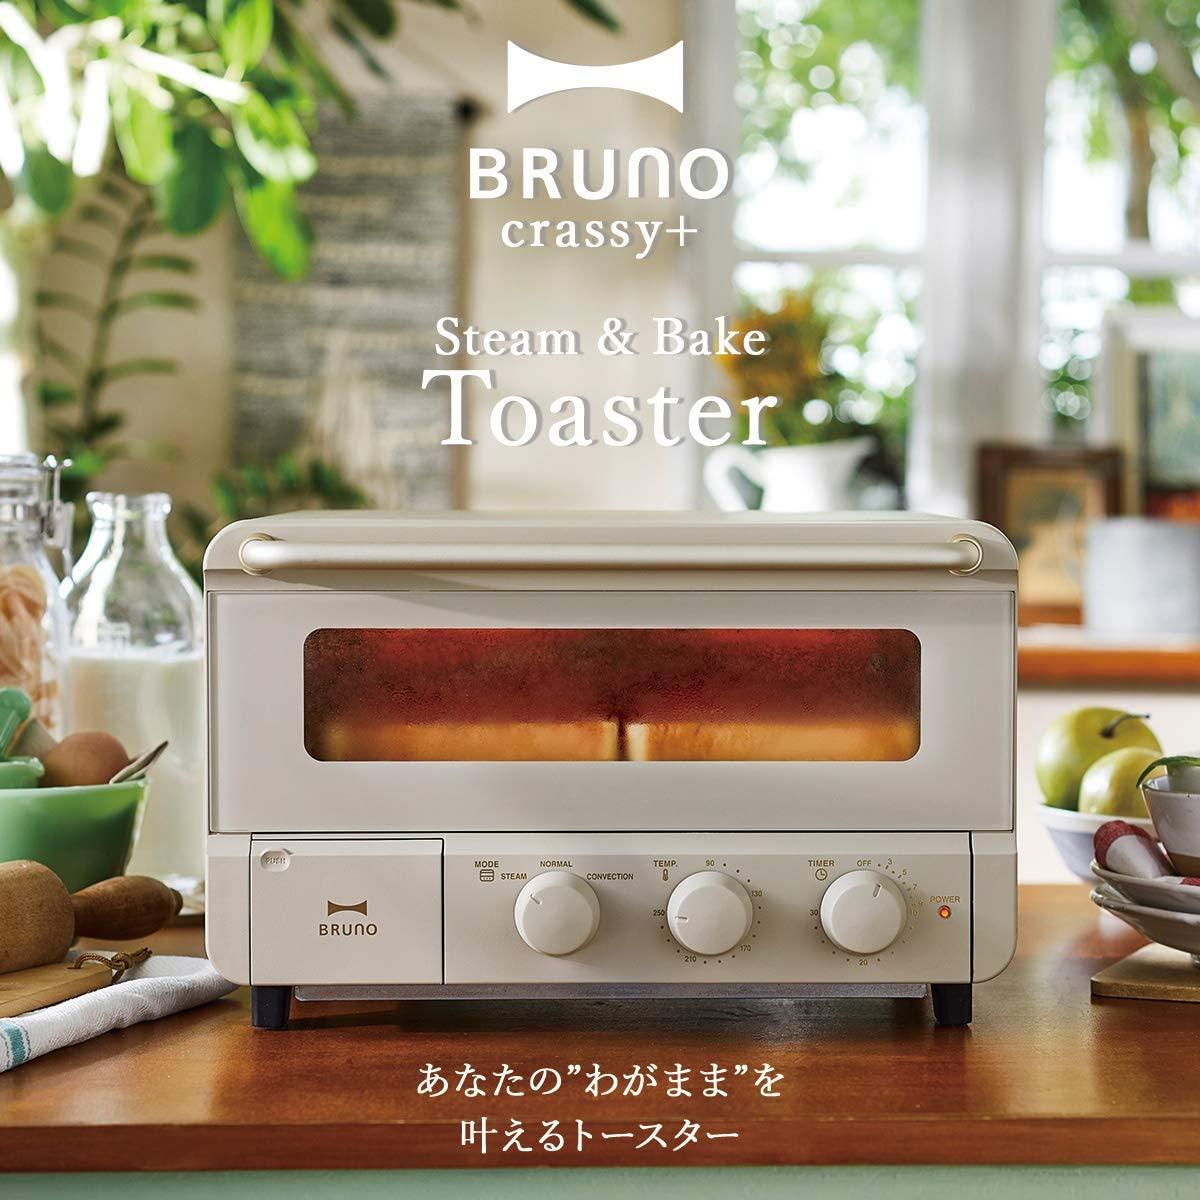 BRUNO(ブルーノ) スチーム&ベイクトースターBOE067の商品画像2